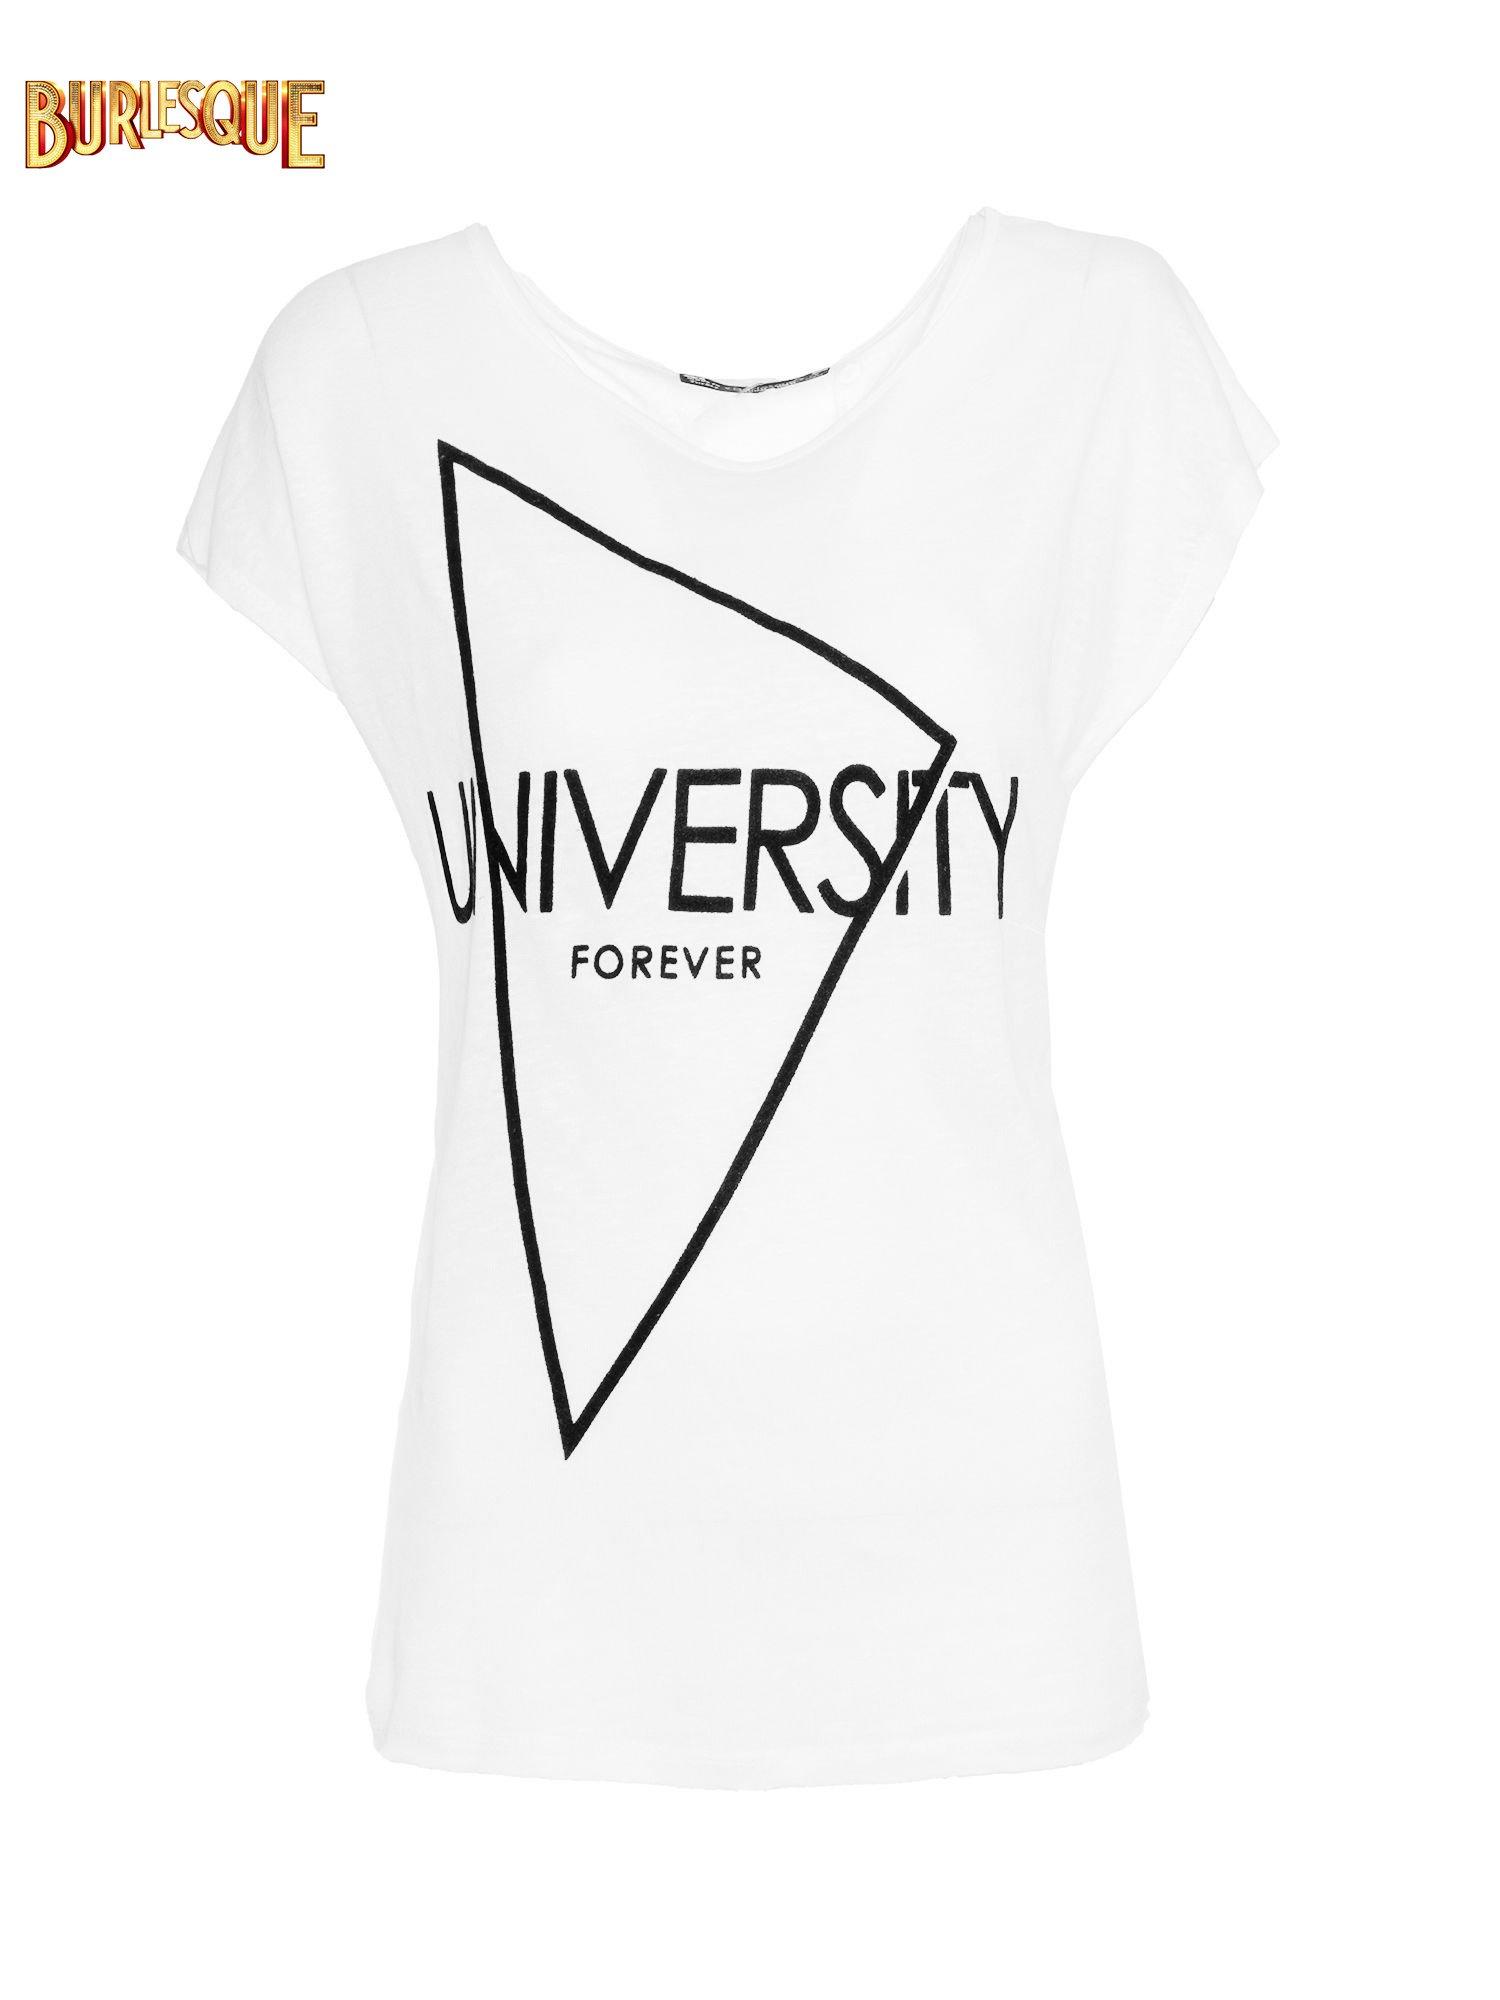 Biały t-shirt z nadrukiem UNIVERSITY FORVER                                  zdj.                                  1